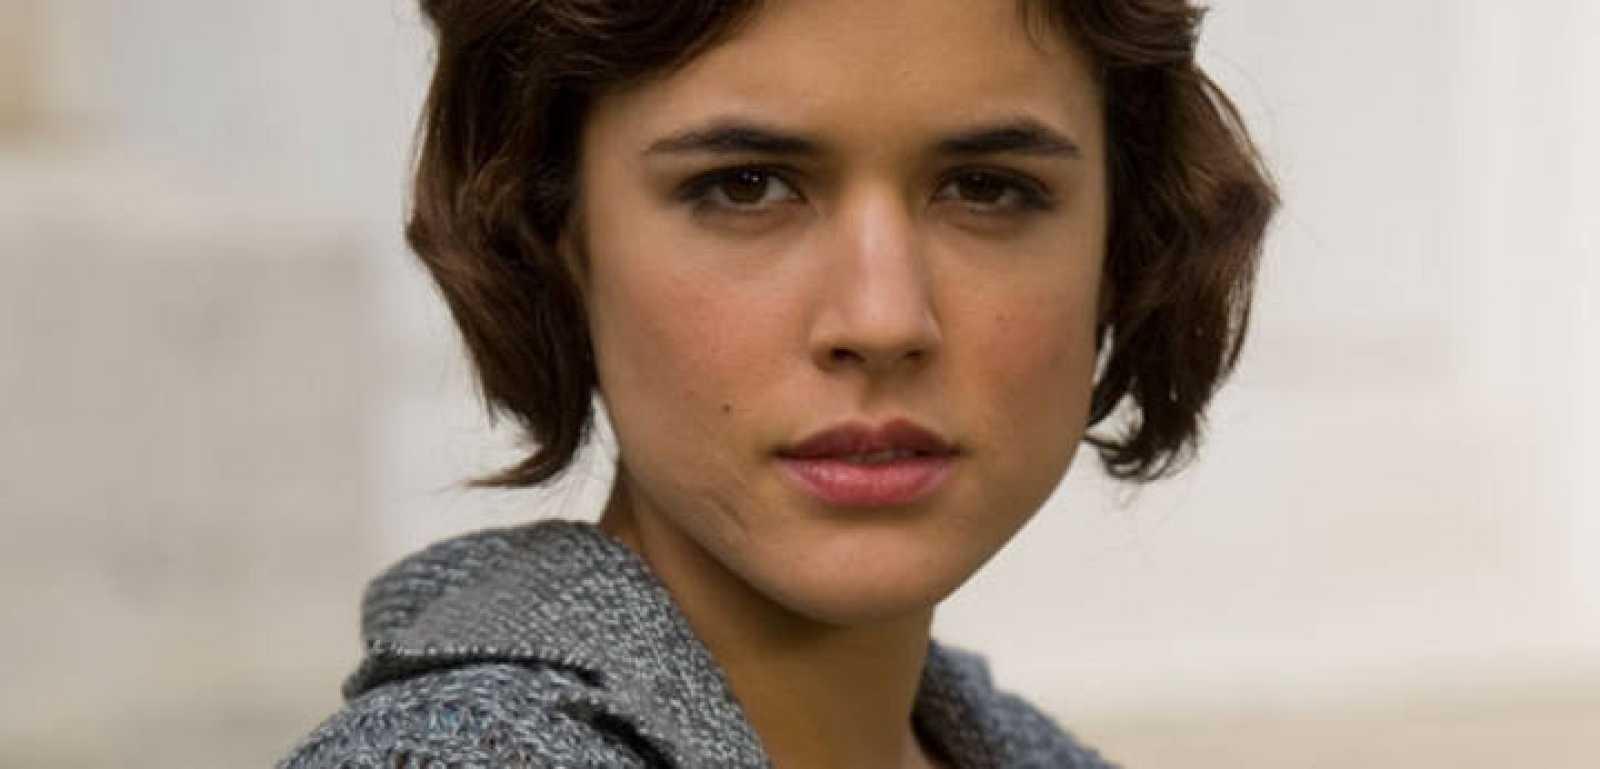 Adriana Ugarte Castillos De Carton victoria márquez, interpretada por adriana ugarte - rtve.es